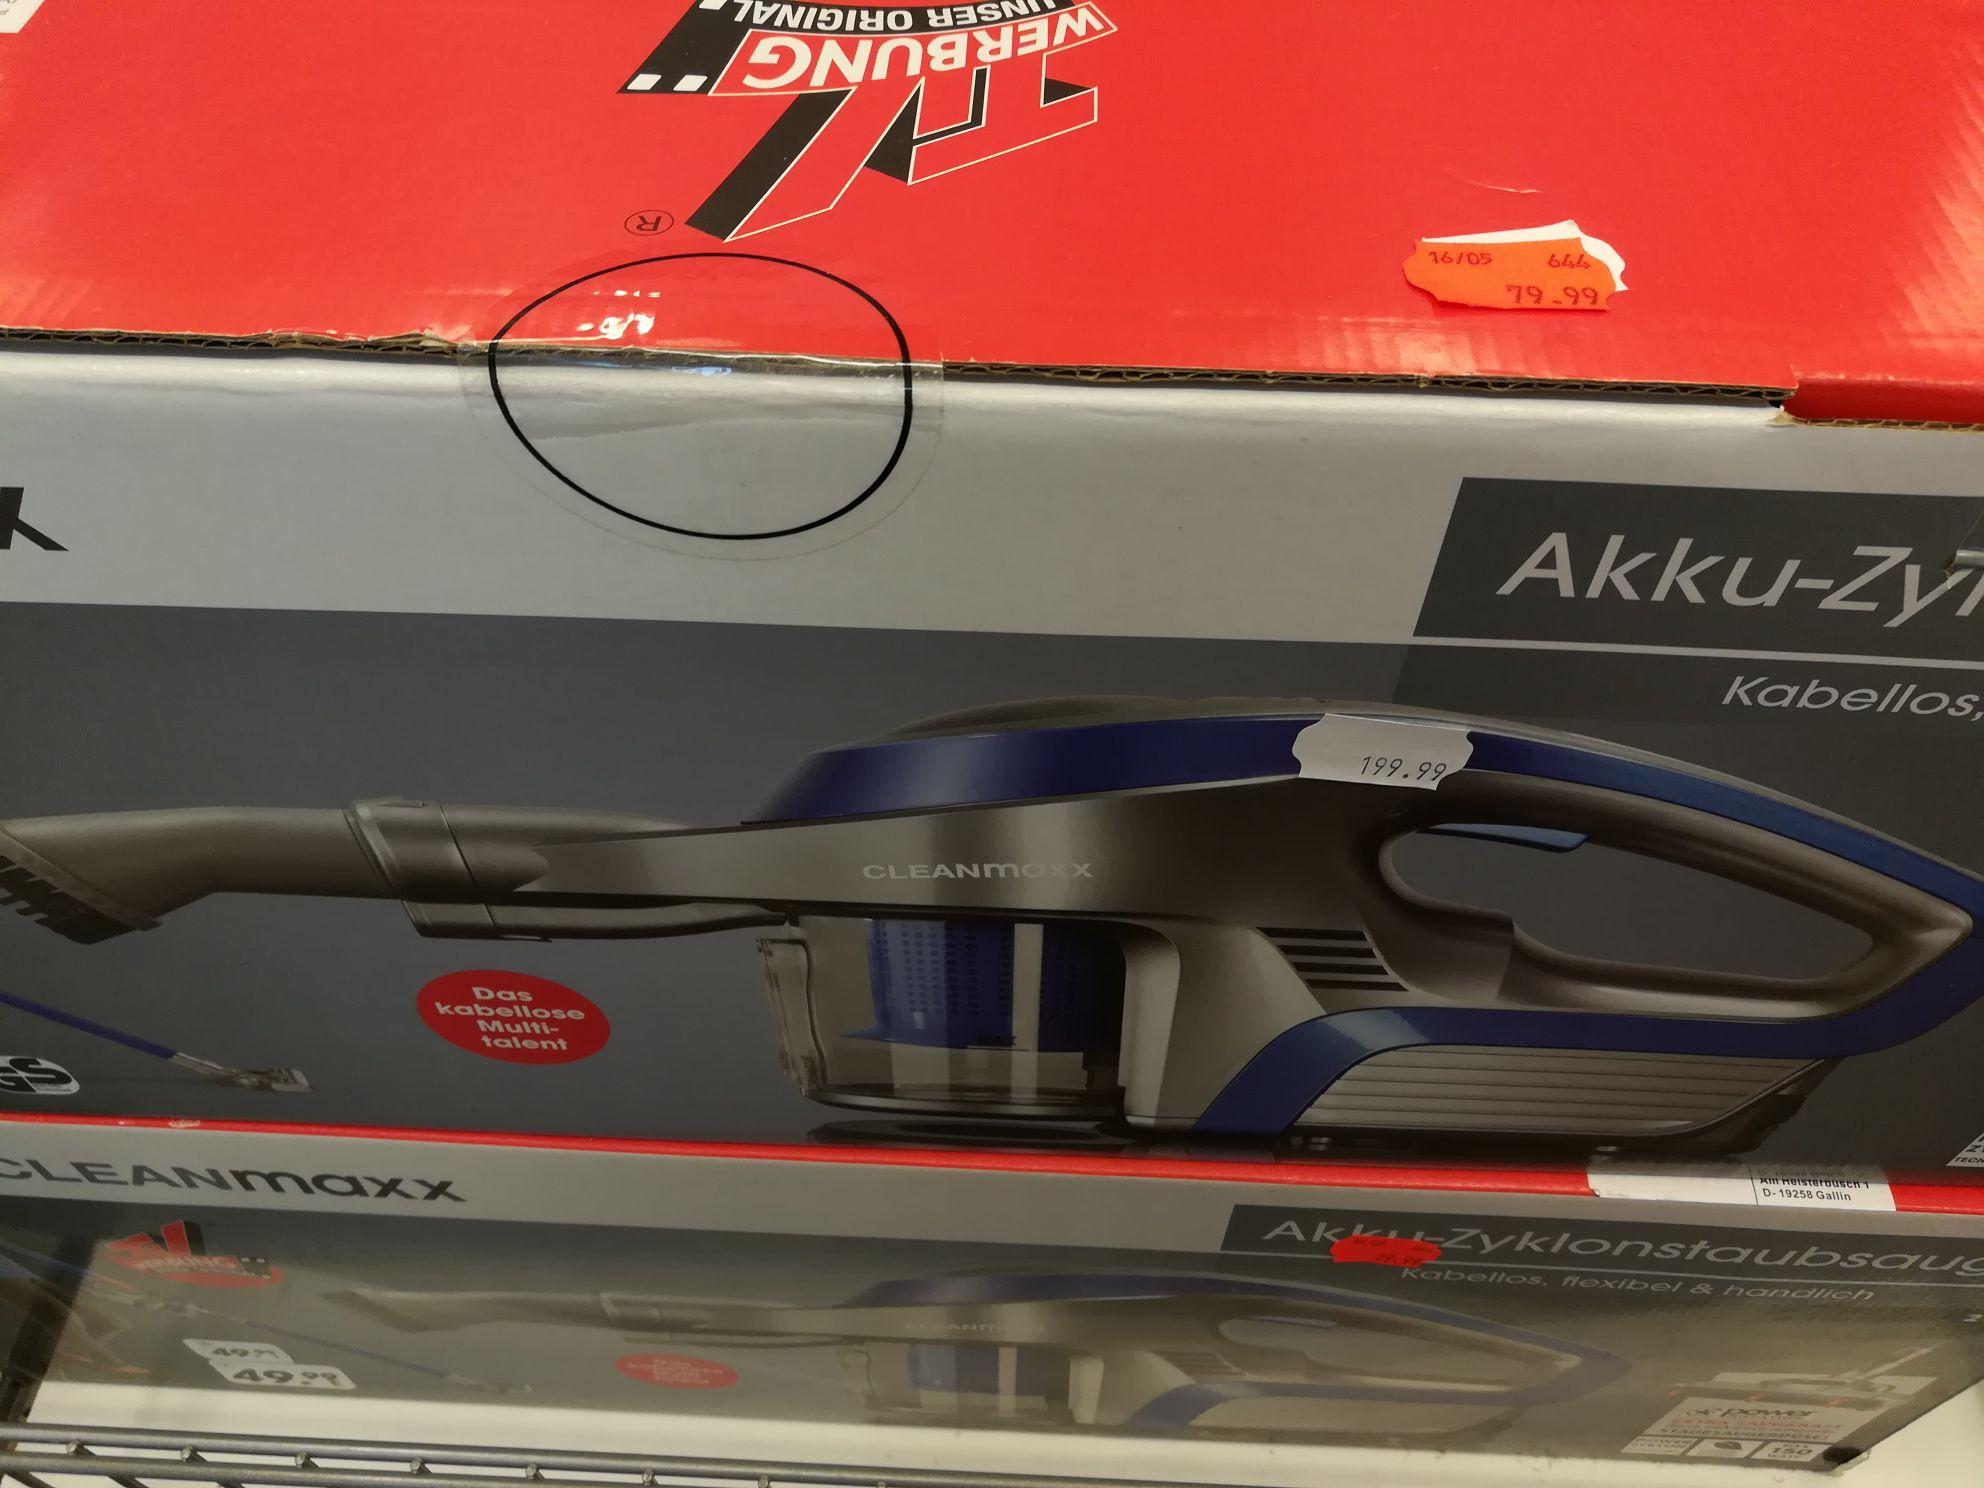 Kik przeceny sprzet agd odkurzacz akumulatorowy zabawki opiekacze  @kik